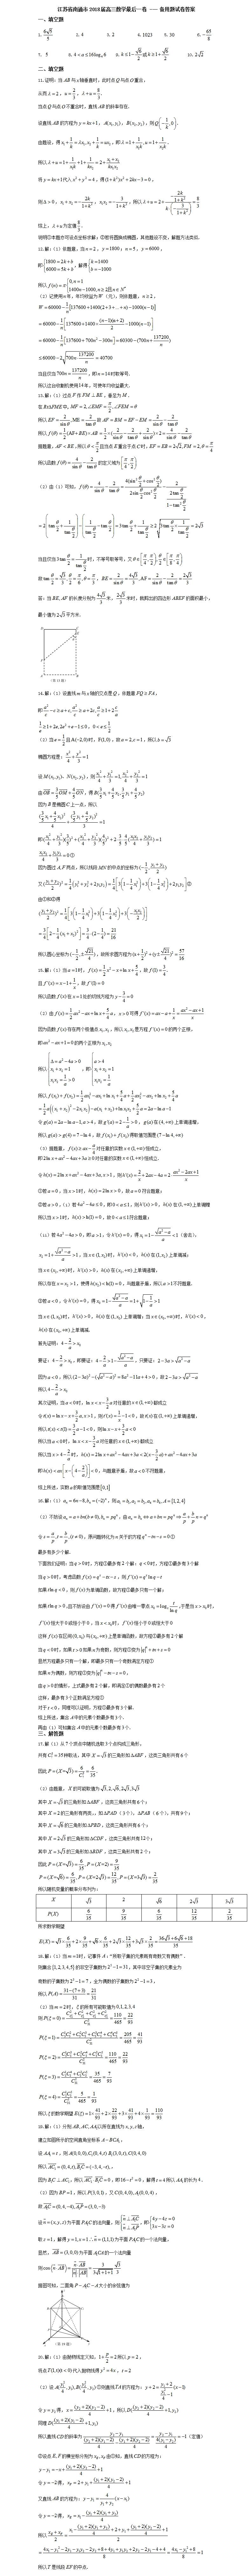 江苏省南通市2018届高三数学最后一卷备用题